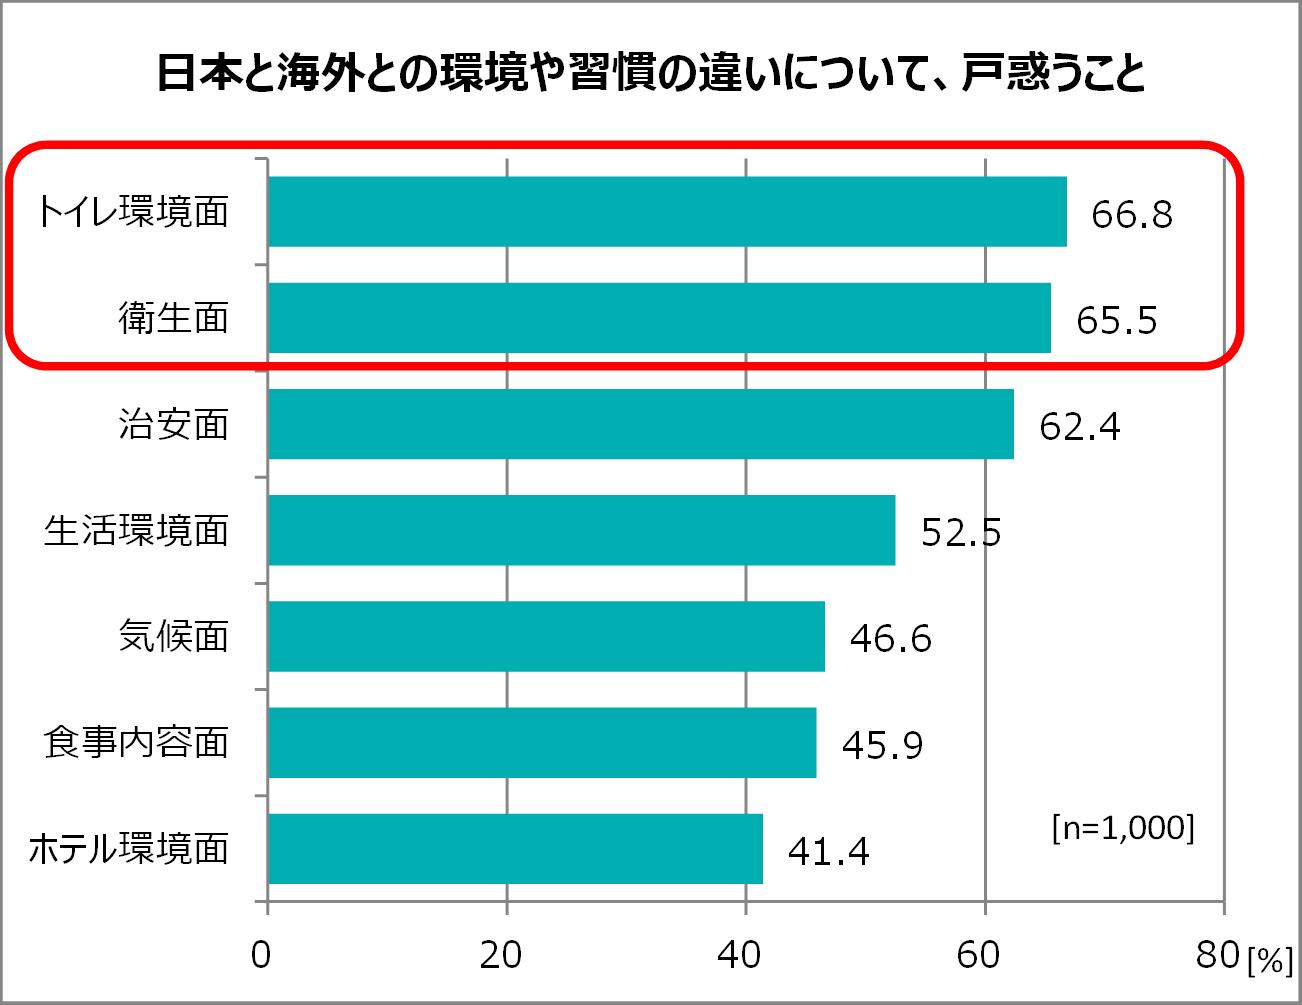 日本と海外との環境や習慣の違いについて、戸惑うこと